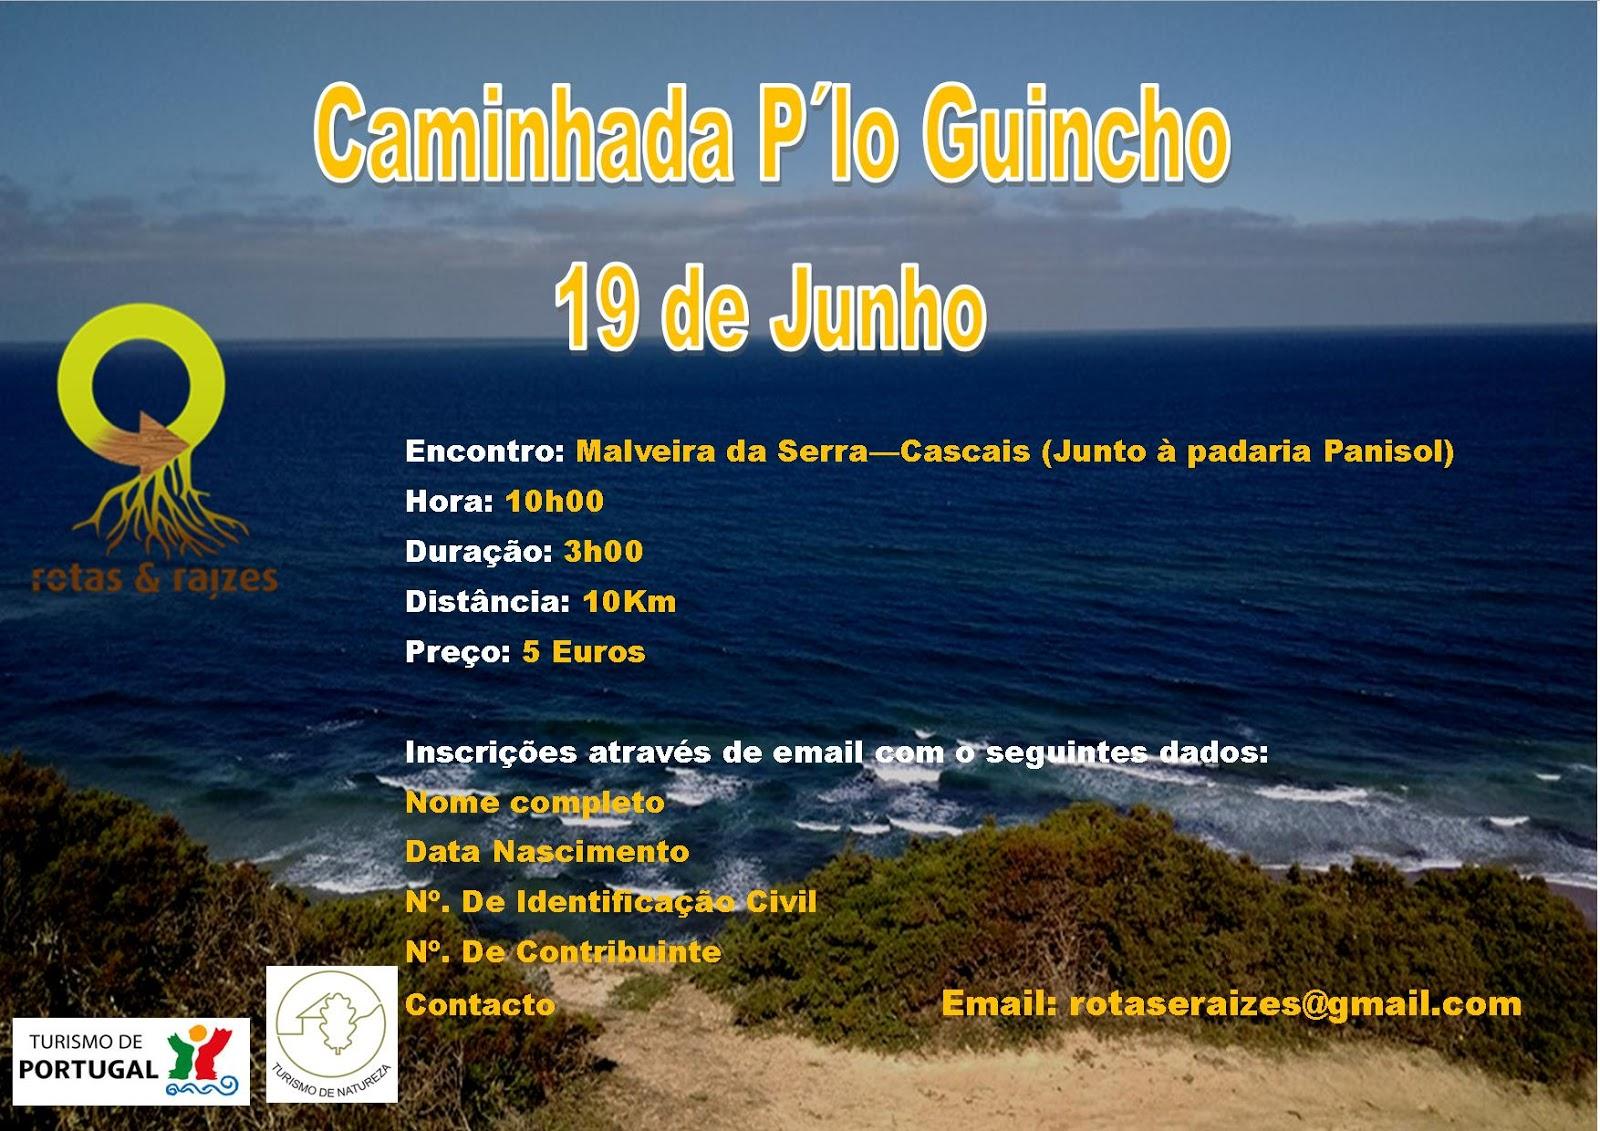 O Fórum das Caminhadas - Portal Cartaz%2Bdo%2BGuincho%2B19%2Bde%2Bjunho2016